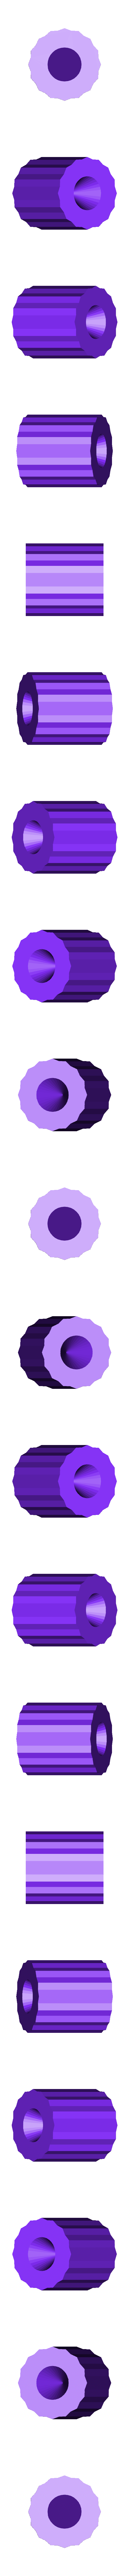 Tires.stl Télécharger fichier STL gratuit Cerf robot contrôlé par les doigts • Objet pour impression 3D, Janis_Bruchwalski